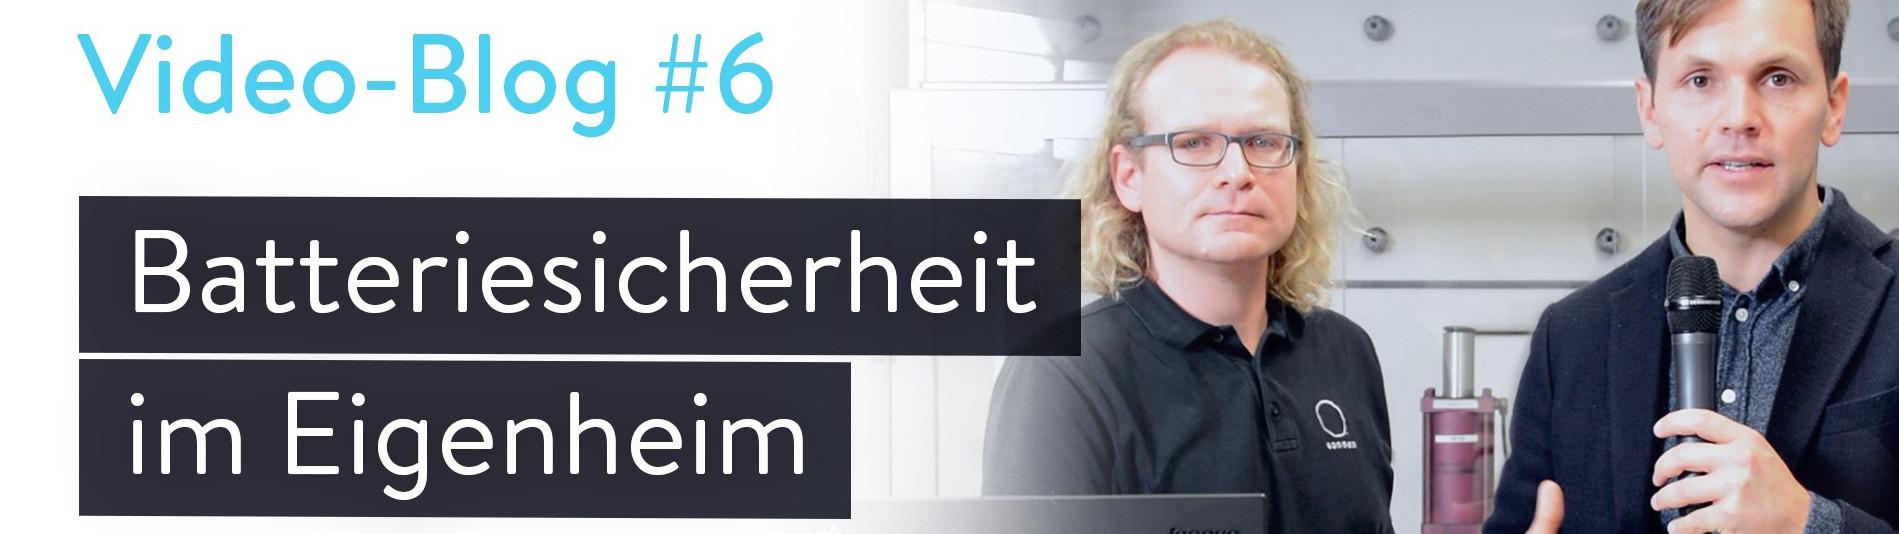 Batteriesicherheit im Eigenheim durch die sonnenbatterie Vlog mit sonnen Geschäftsführer Philipp Schröder